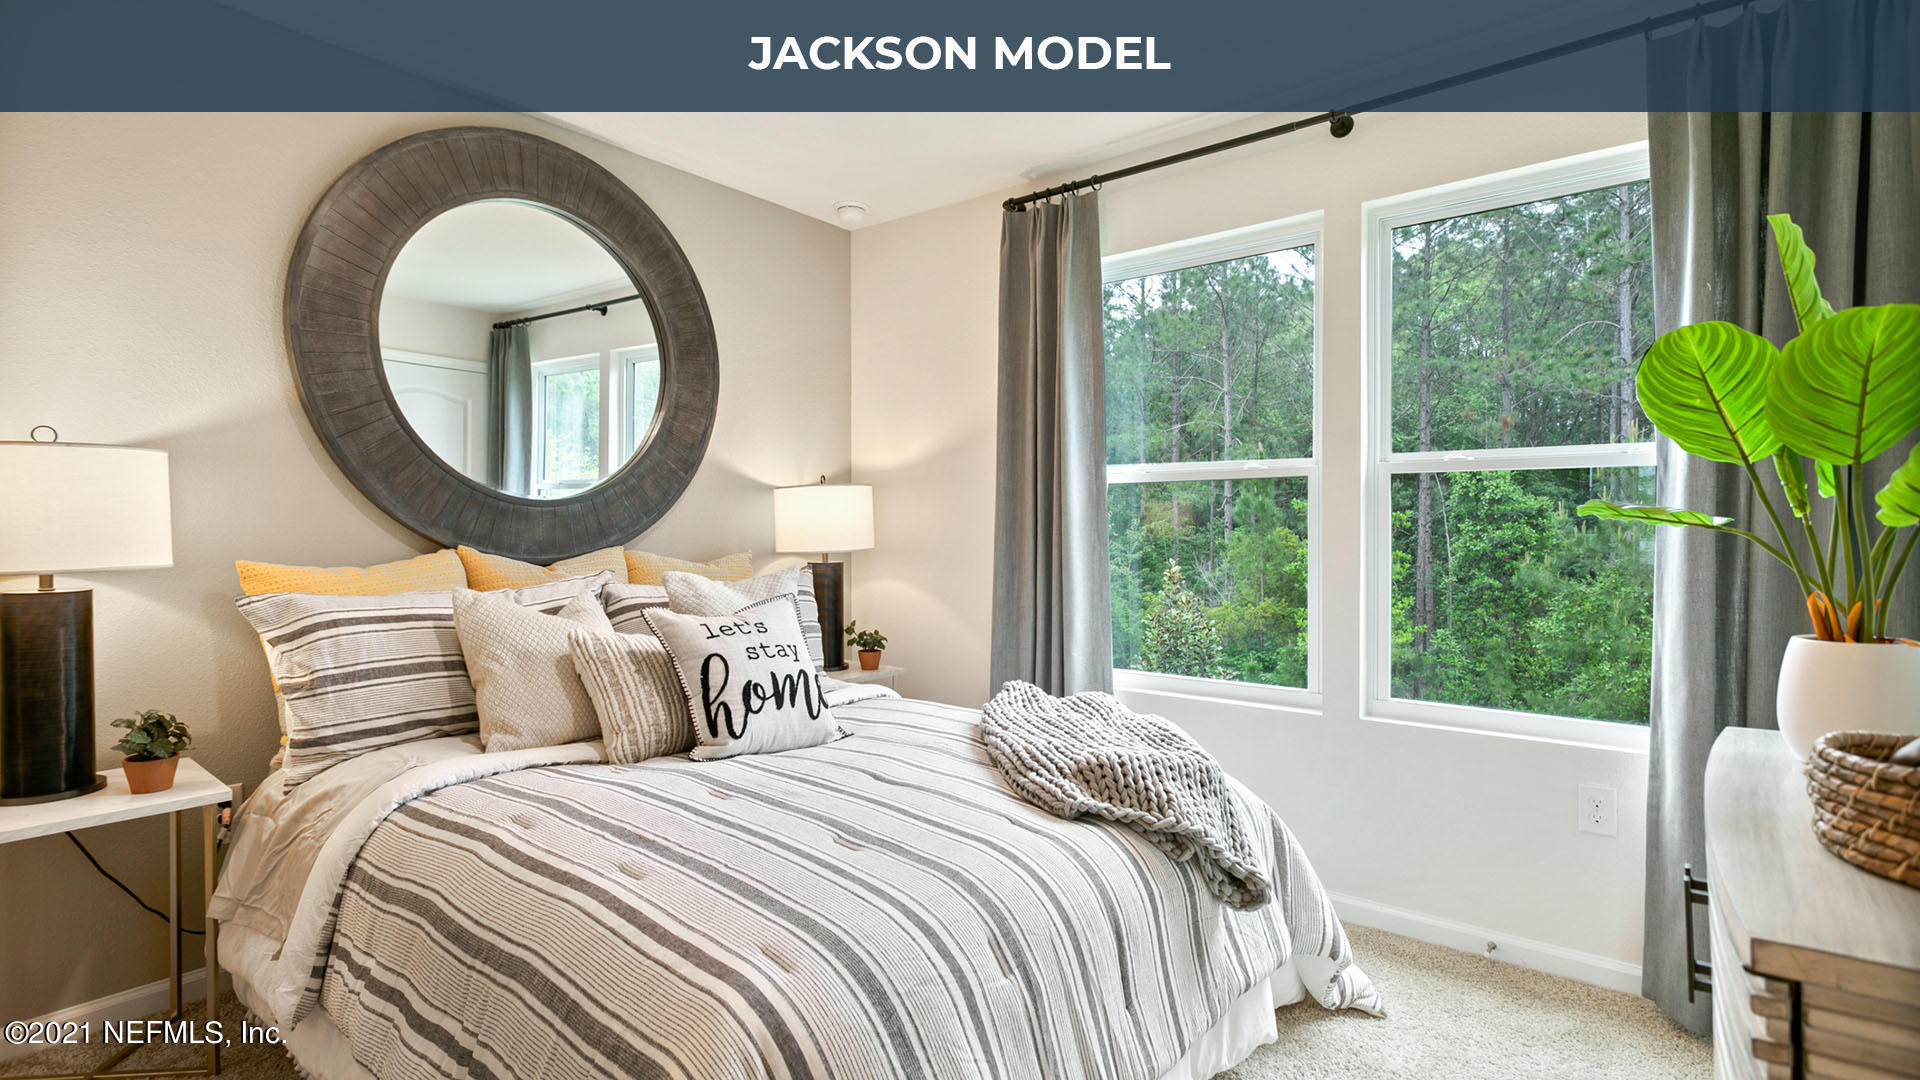 575 OAKLEAF PLANTATION, ORANGE PARK, FLORIDA 32065, 2 Bedrooms Bedrooms, ,2 BathroomsBathrooms,Residential,For sale,OAKLEAF PLANTATION,1101515